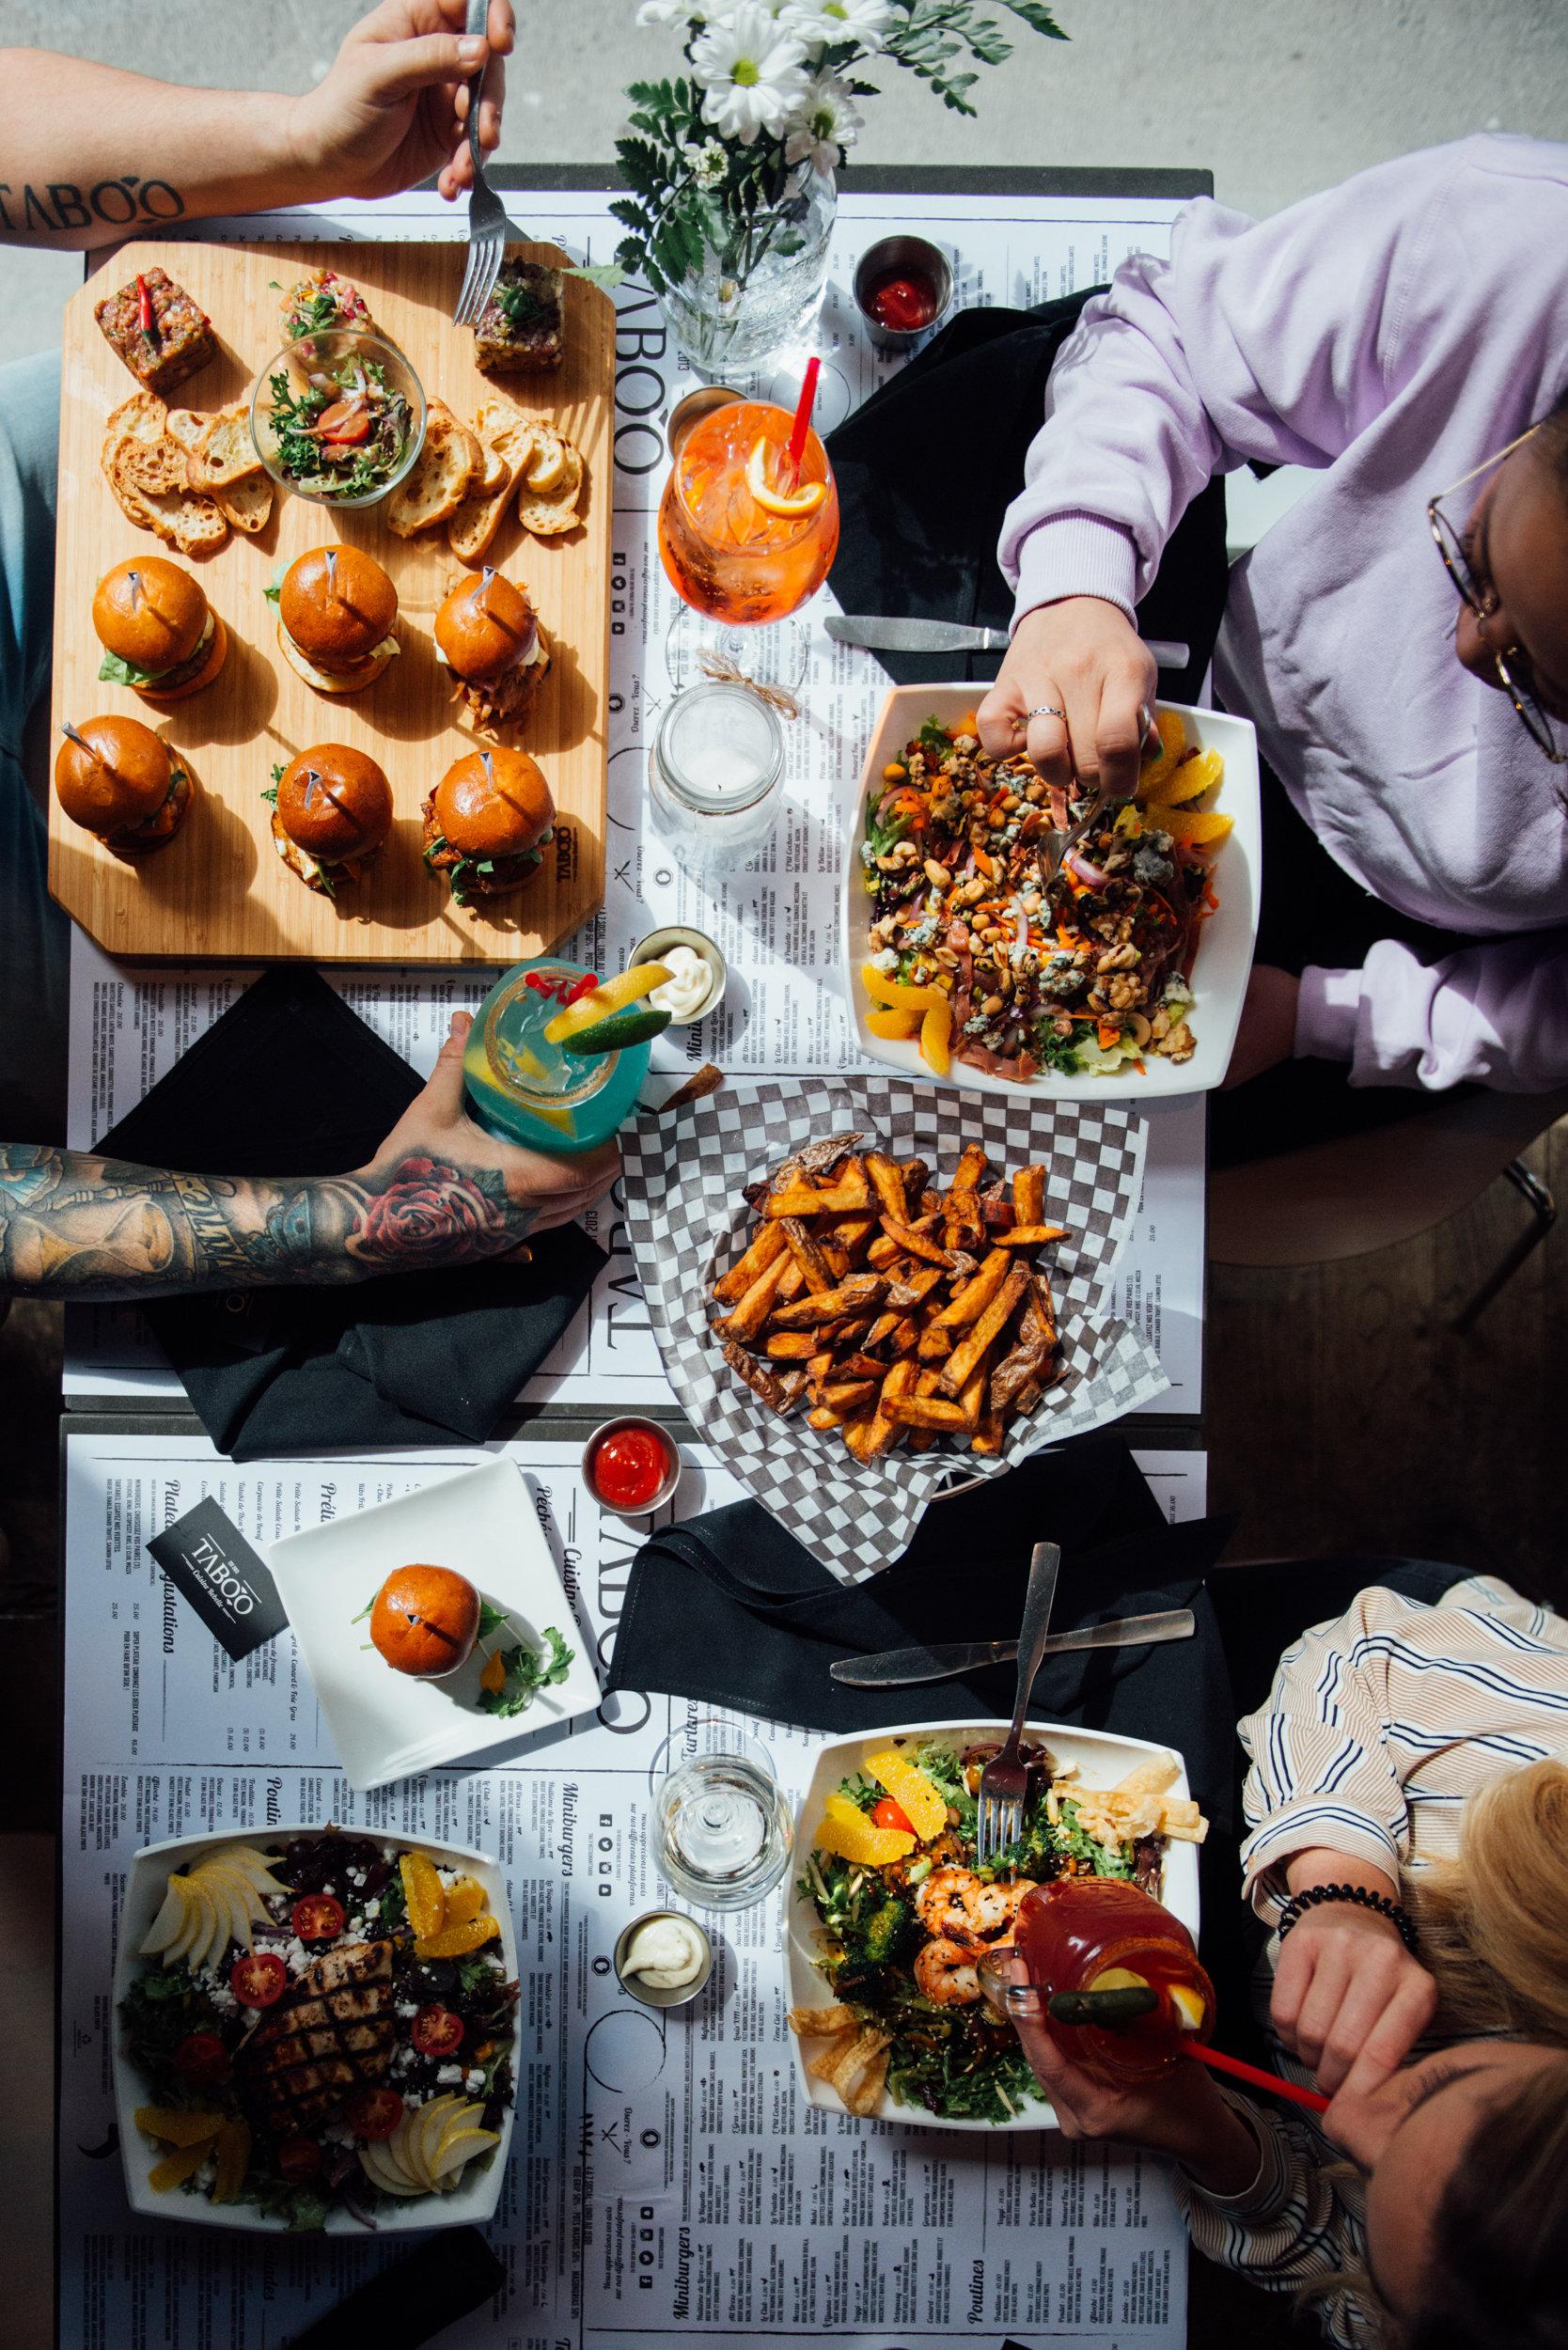 Restaurant Taboo-0092.jpg